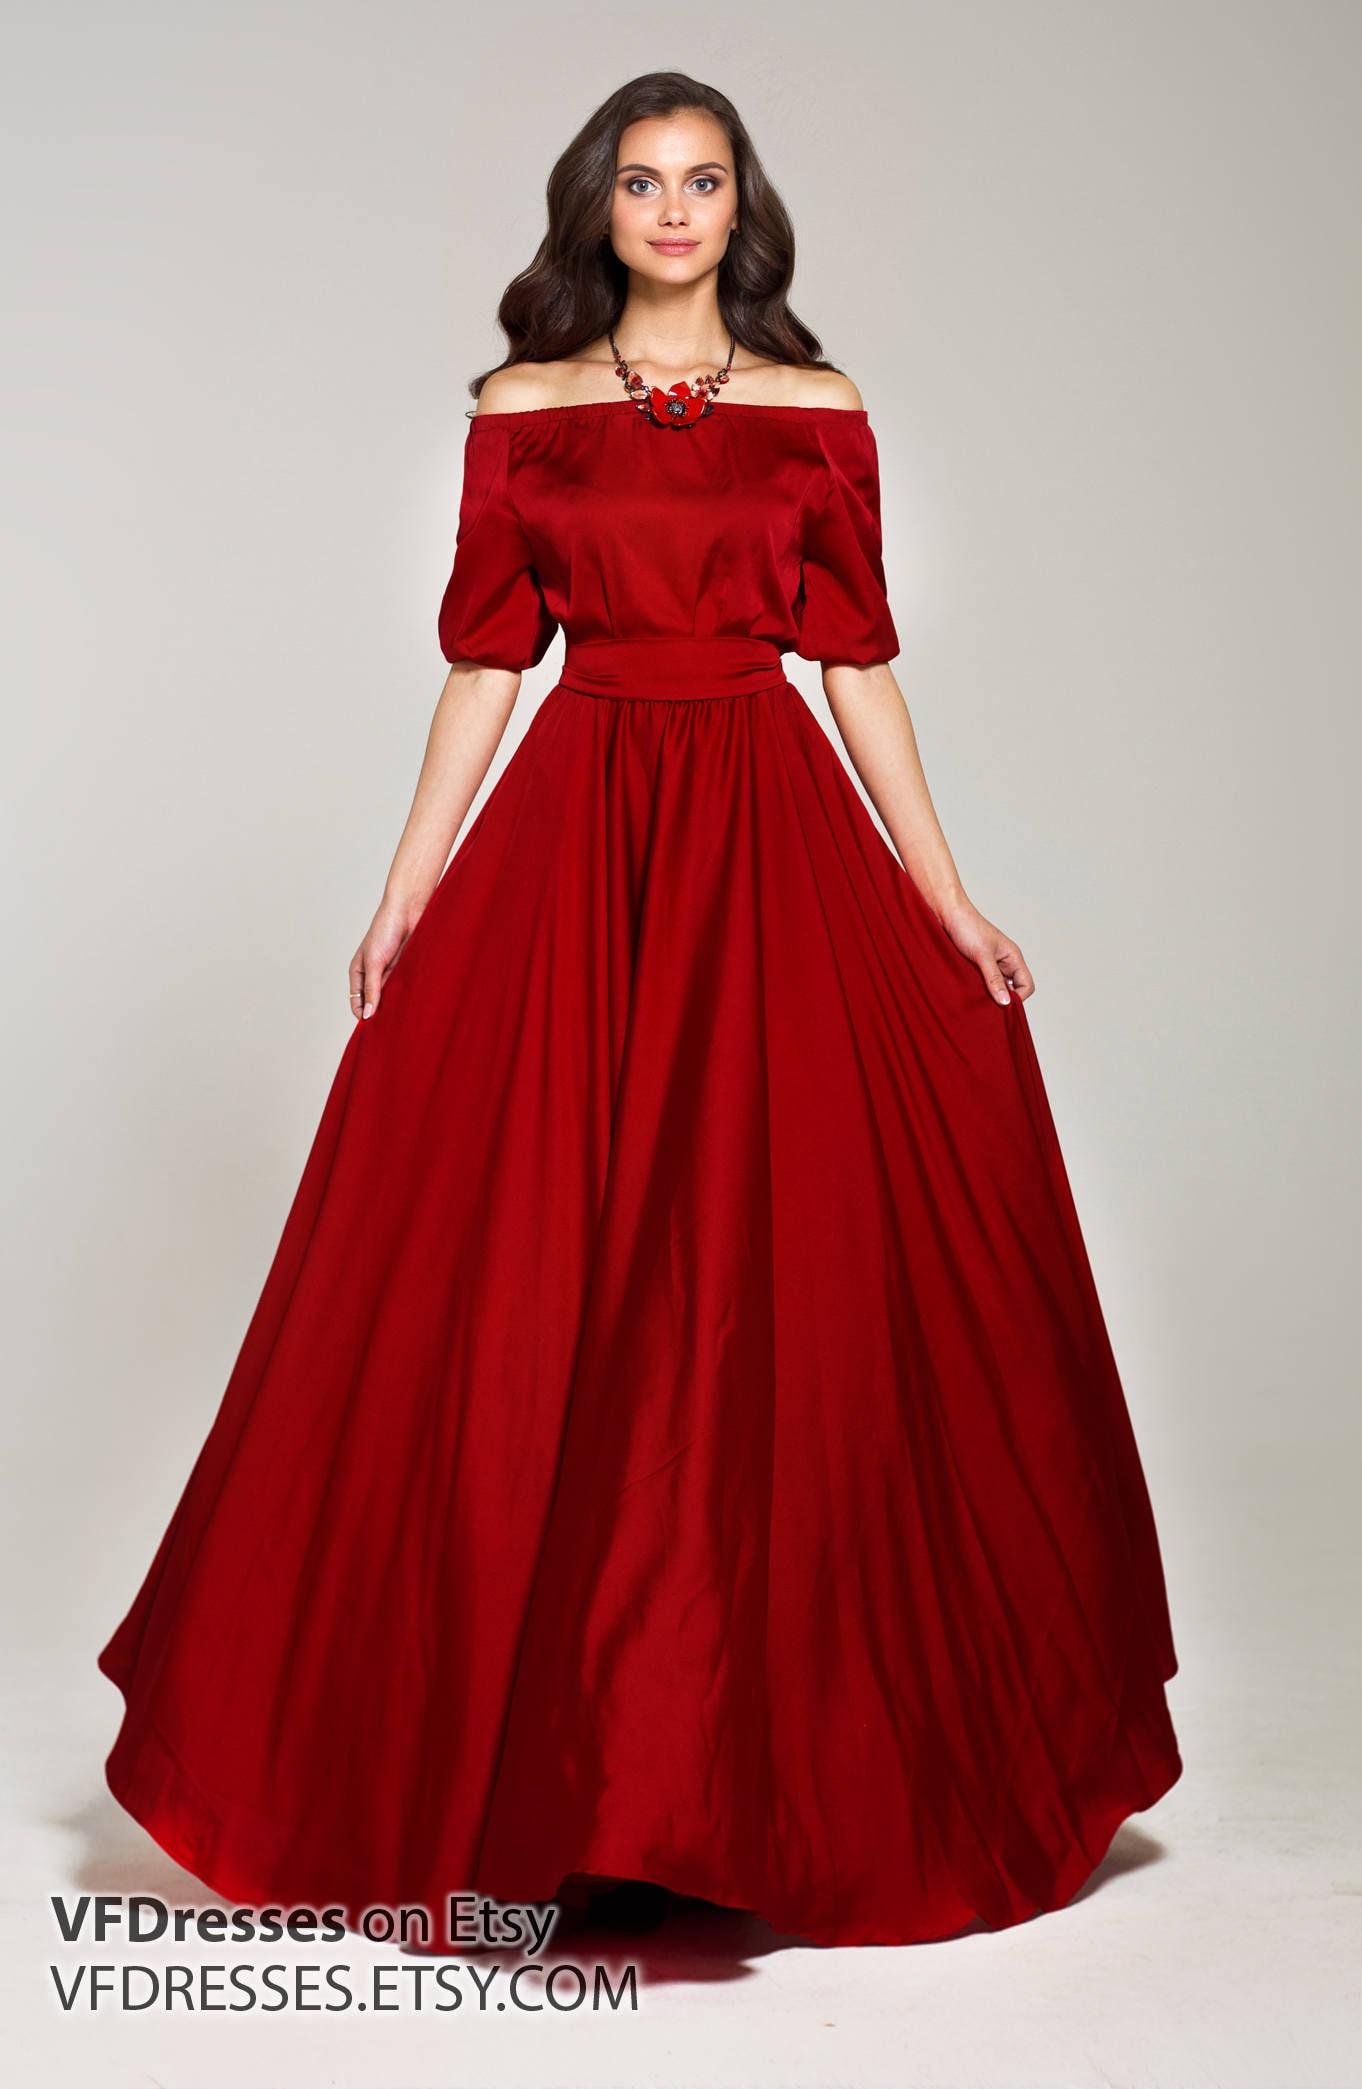 Marsala Kleid Seidenkleid Maxi Kleid elegantes Kleid in